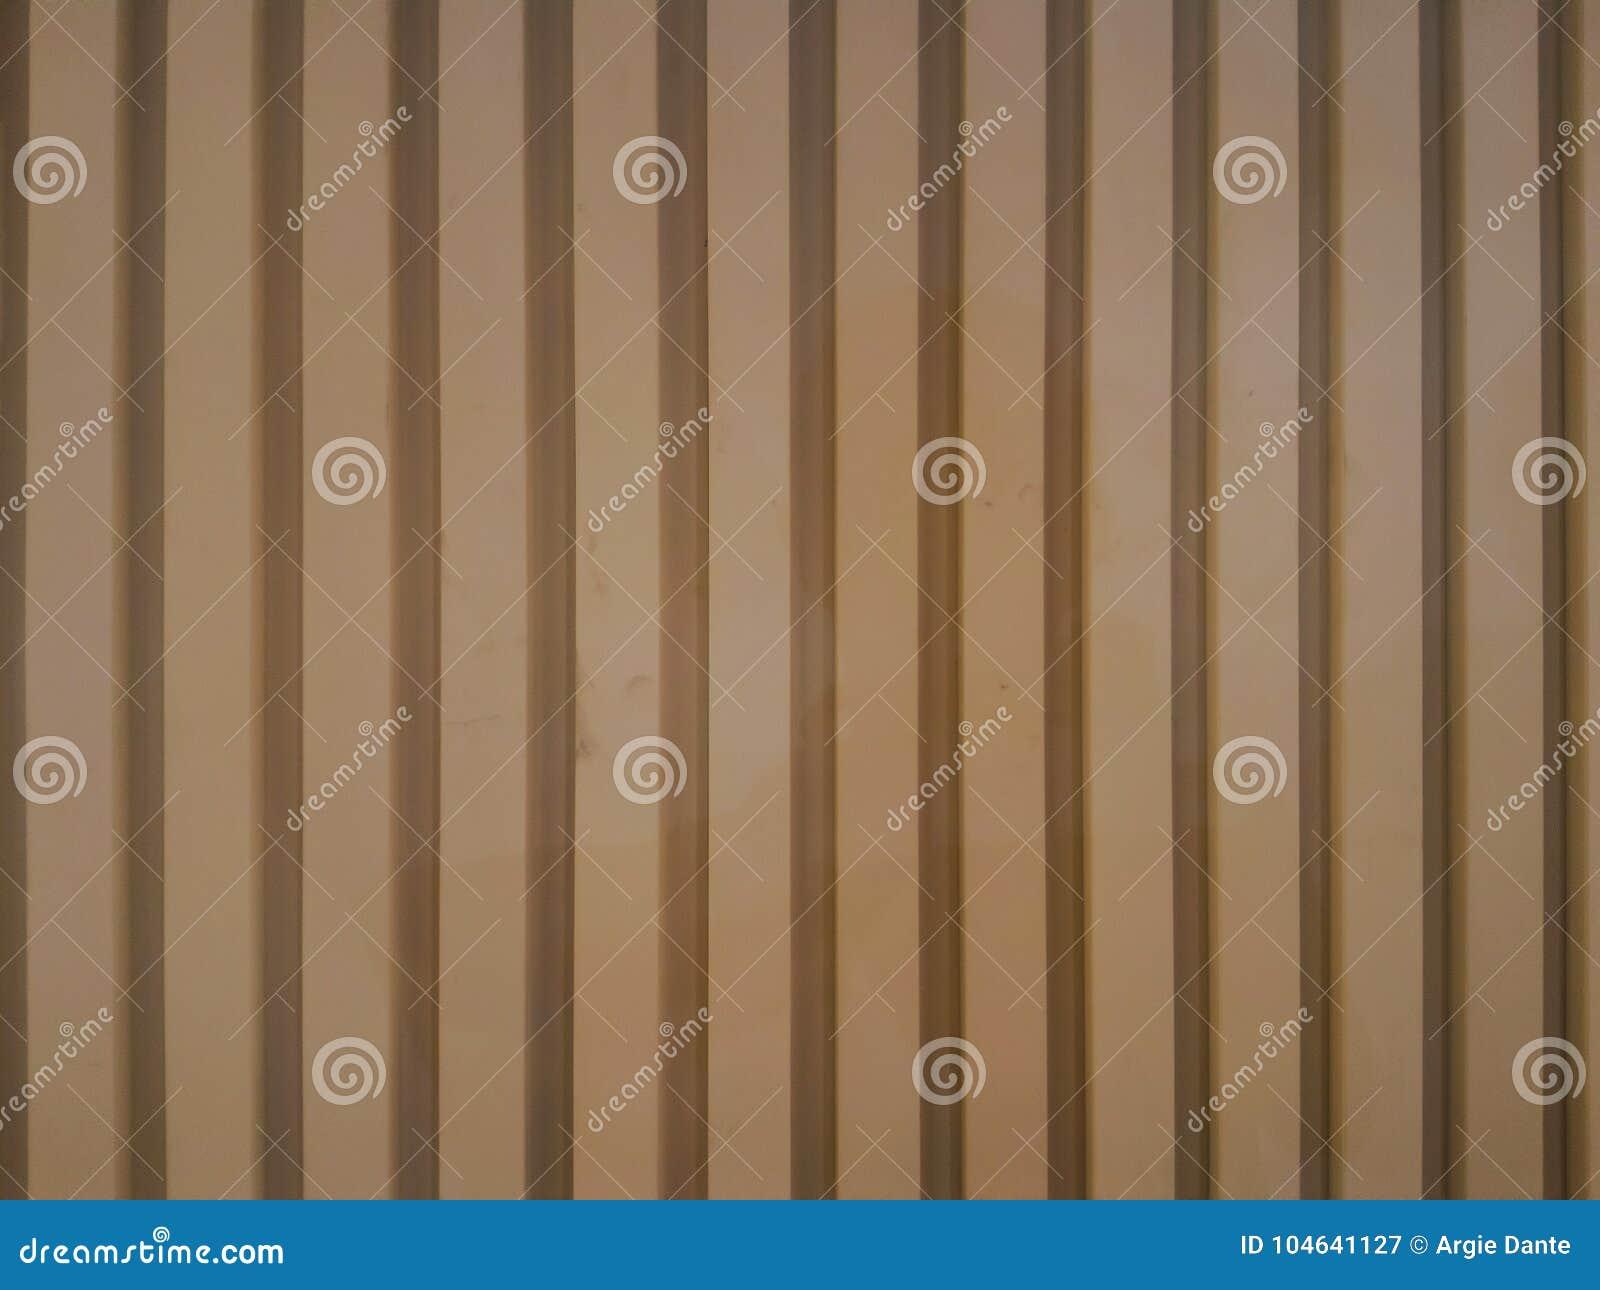 Download Parallelle Houten Panelen Op De Muur Stock Afbeelding - Afbeelding bestaande uit modern, muur: 104641127